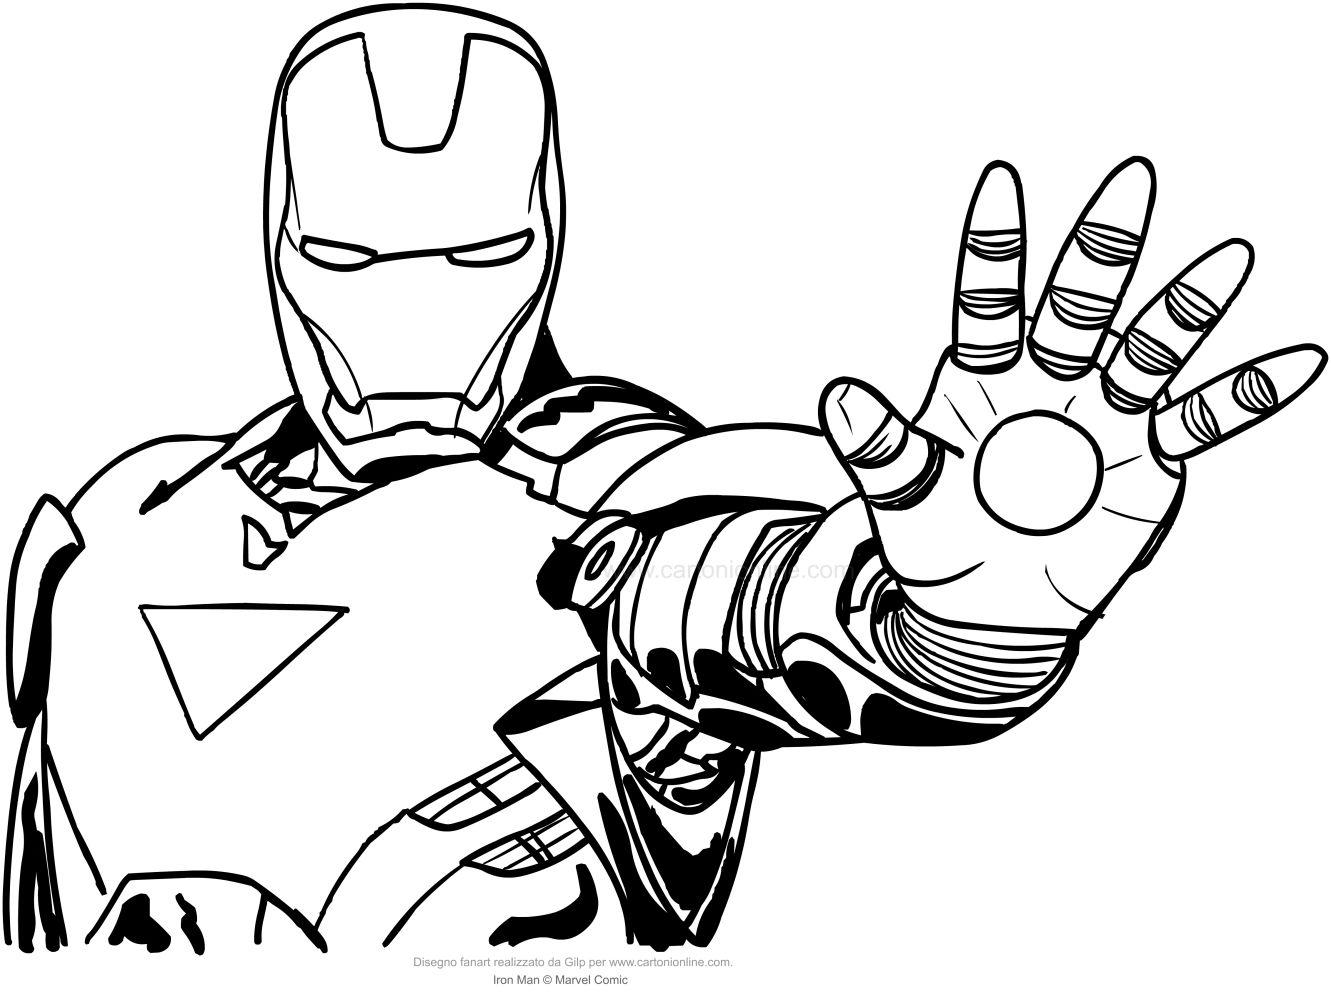 Risultati immagini per disegni da colorare iron man for Immagini spiderman da colorare